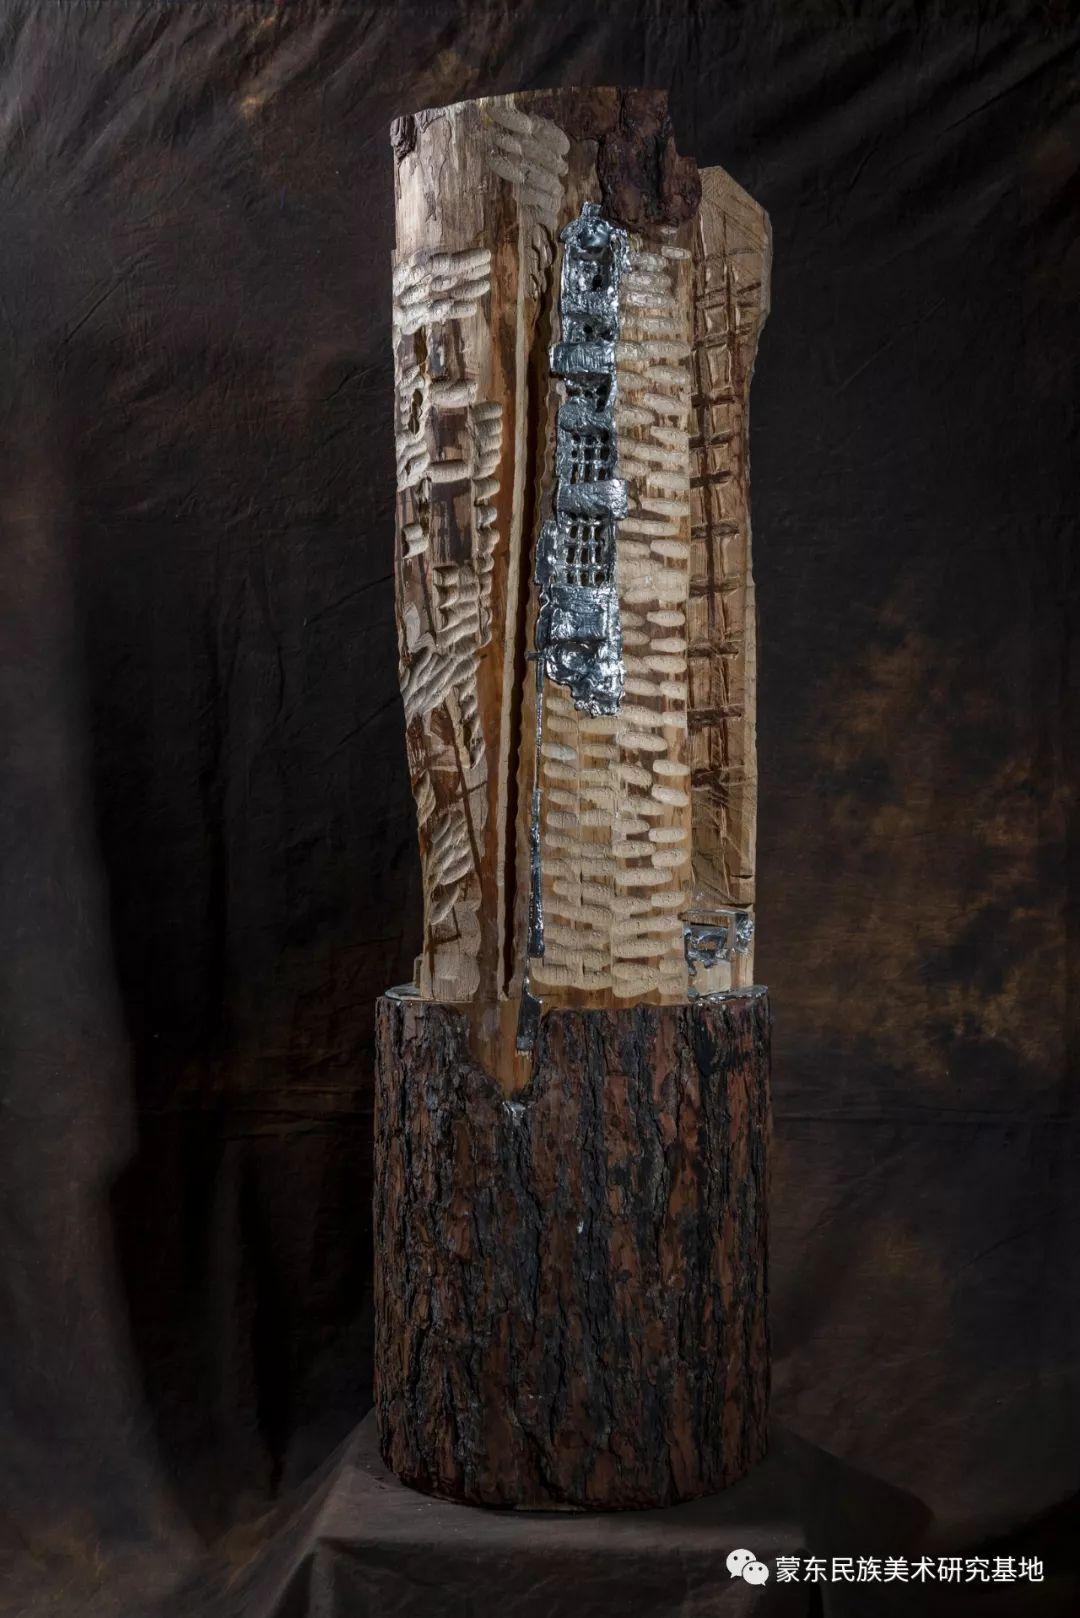 包格日乐吐作品——雕塑系列作品(三) 第4张 包格日乐吐作品——雕塑系列作品(三) 蒙古画廊